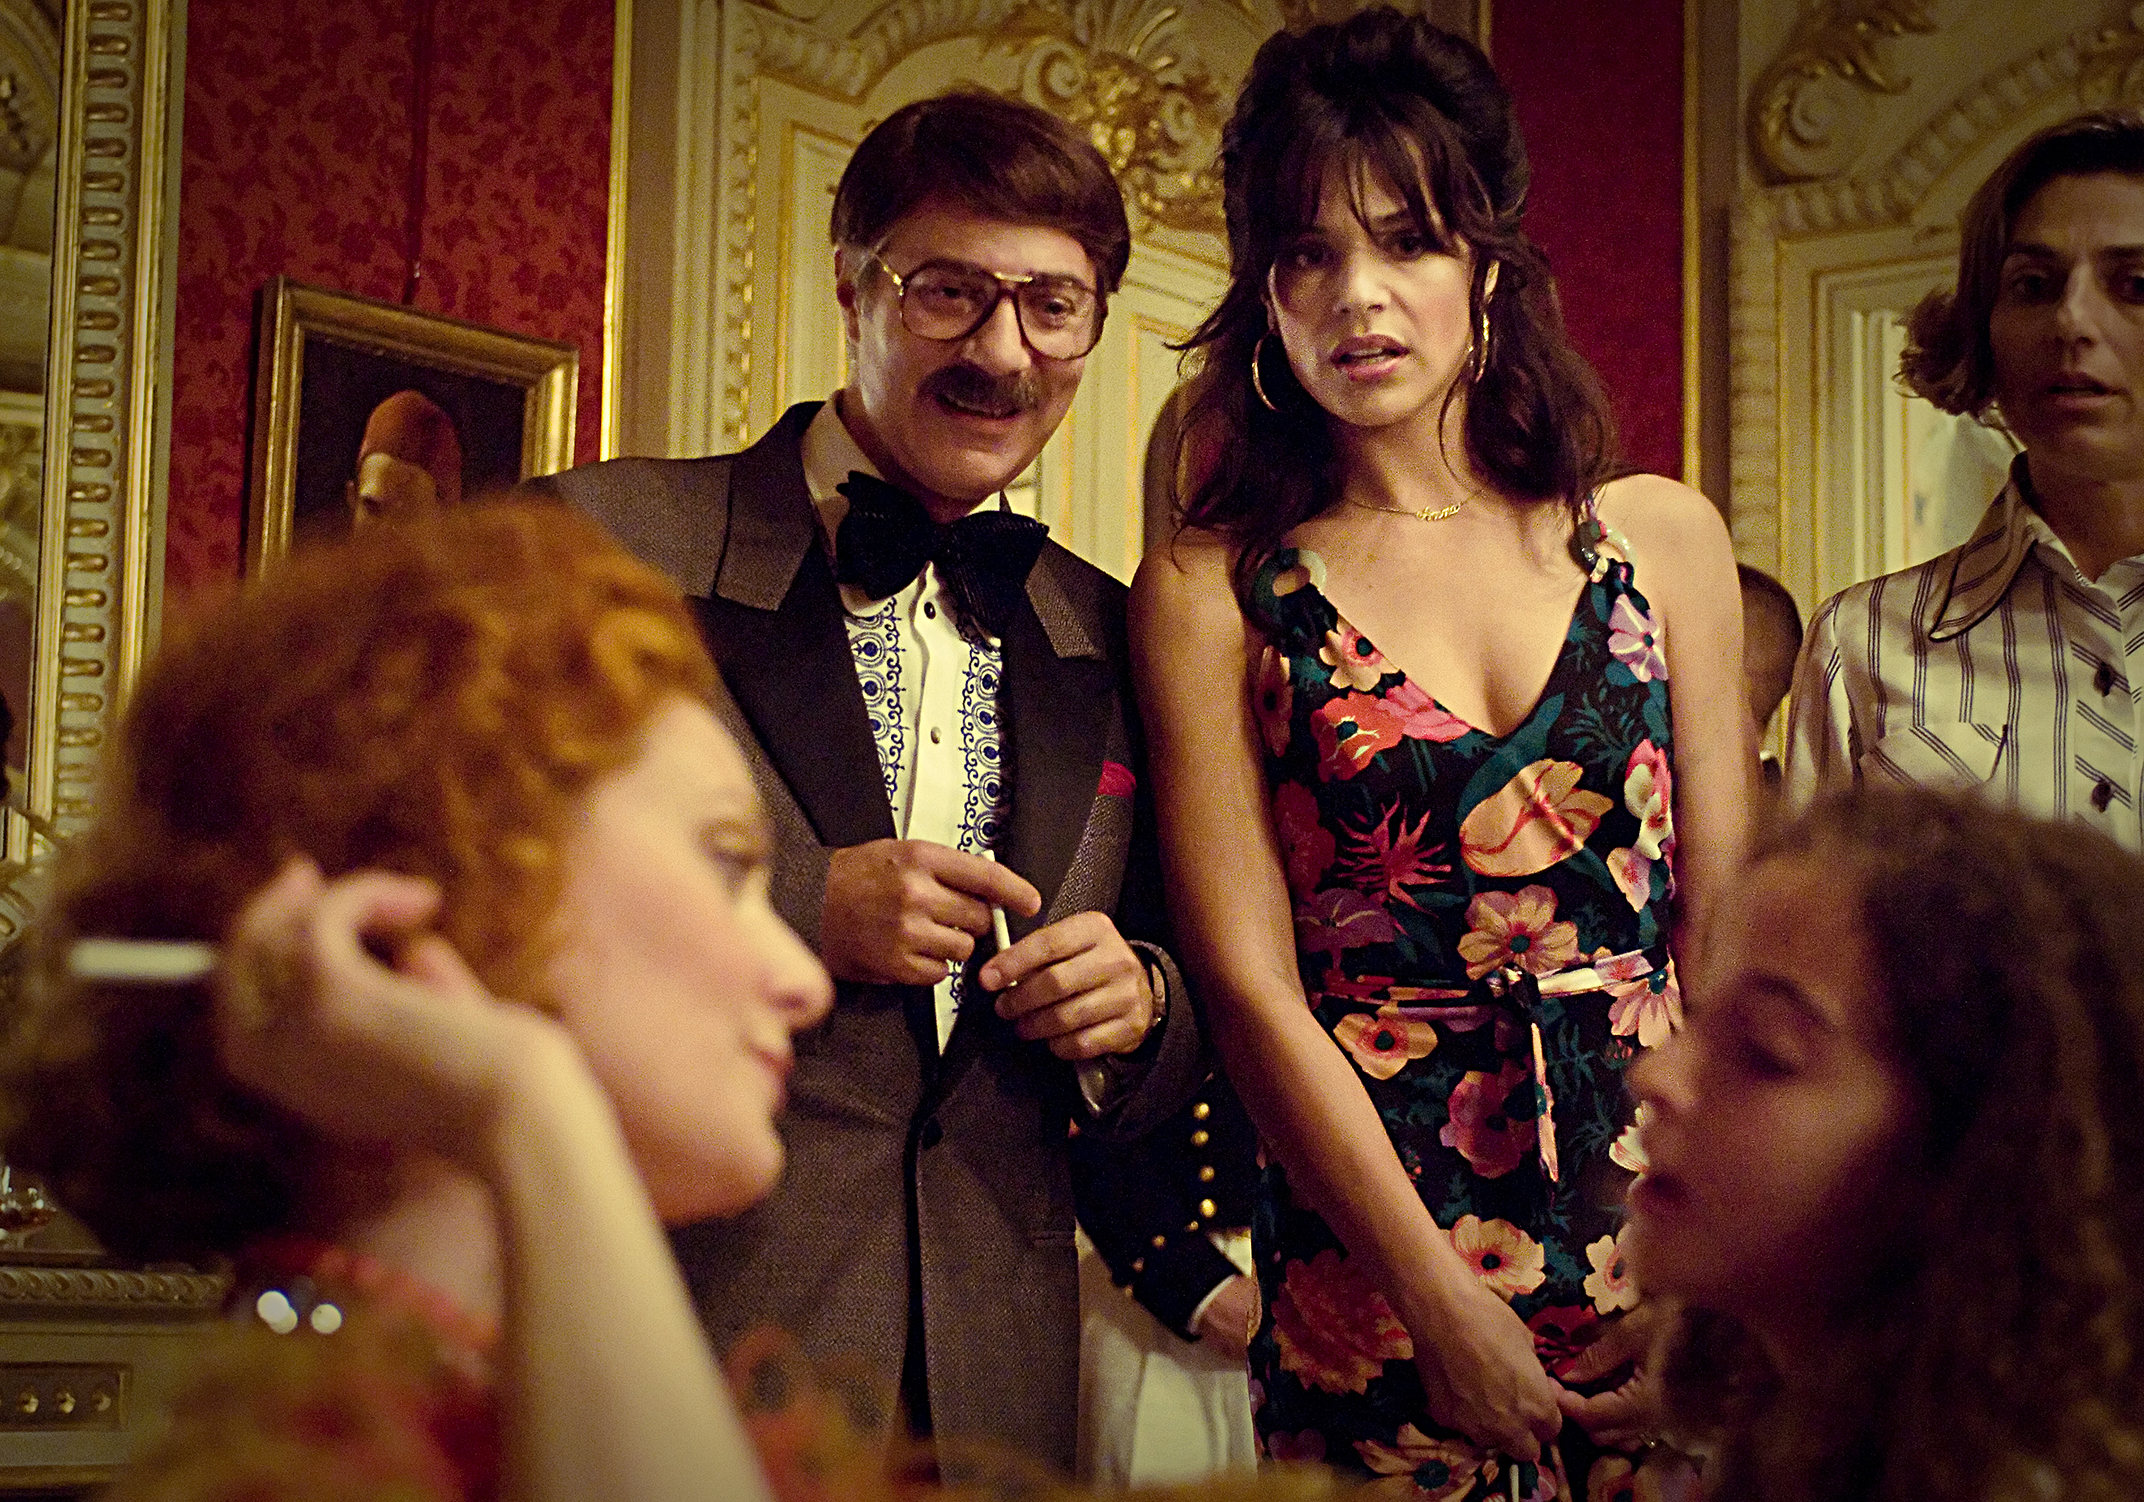 Emanuele Barresi and Micaela Ramazzotti in La prima cosa bella (2010)